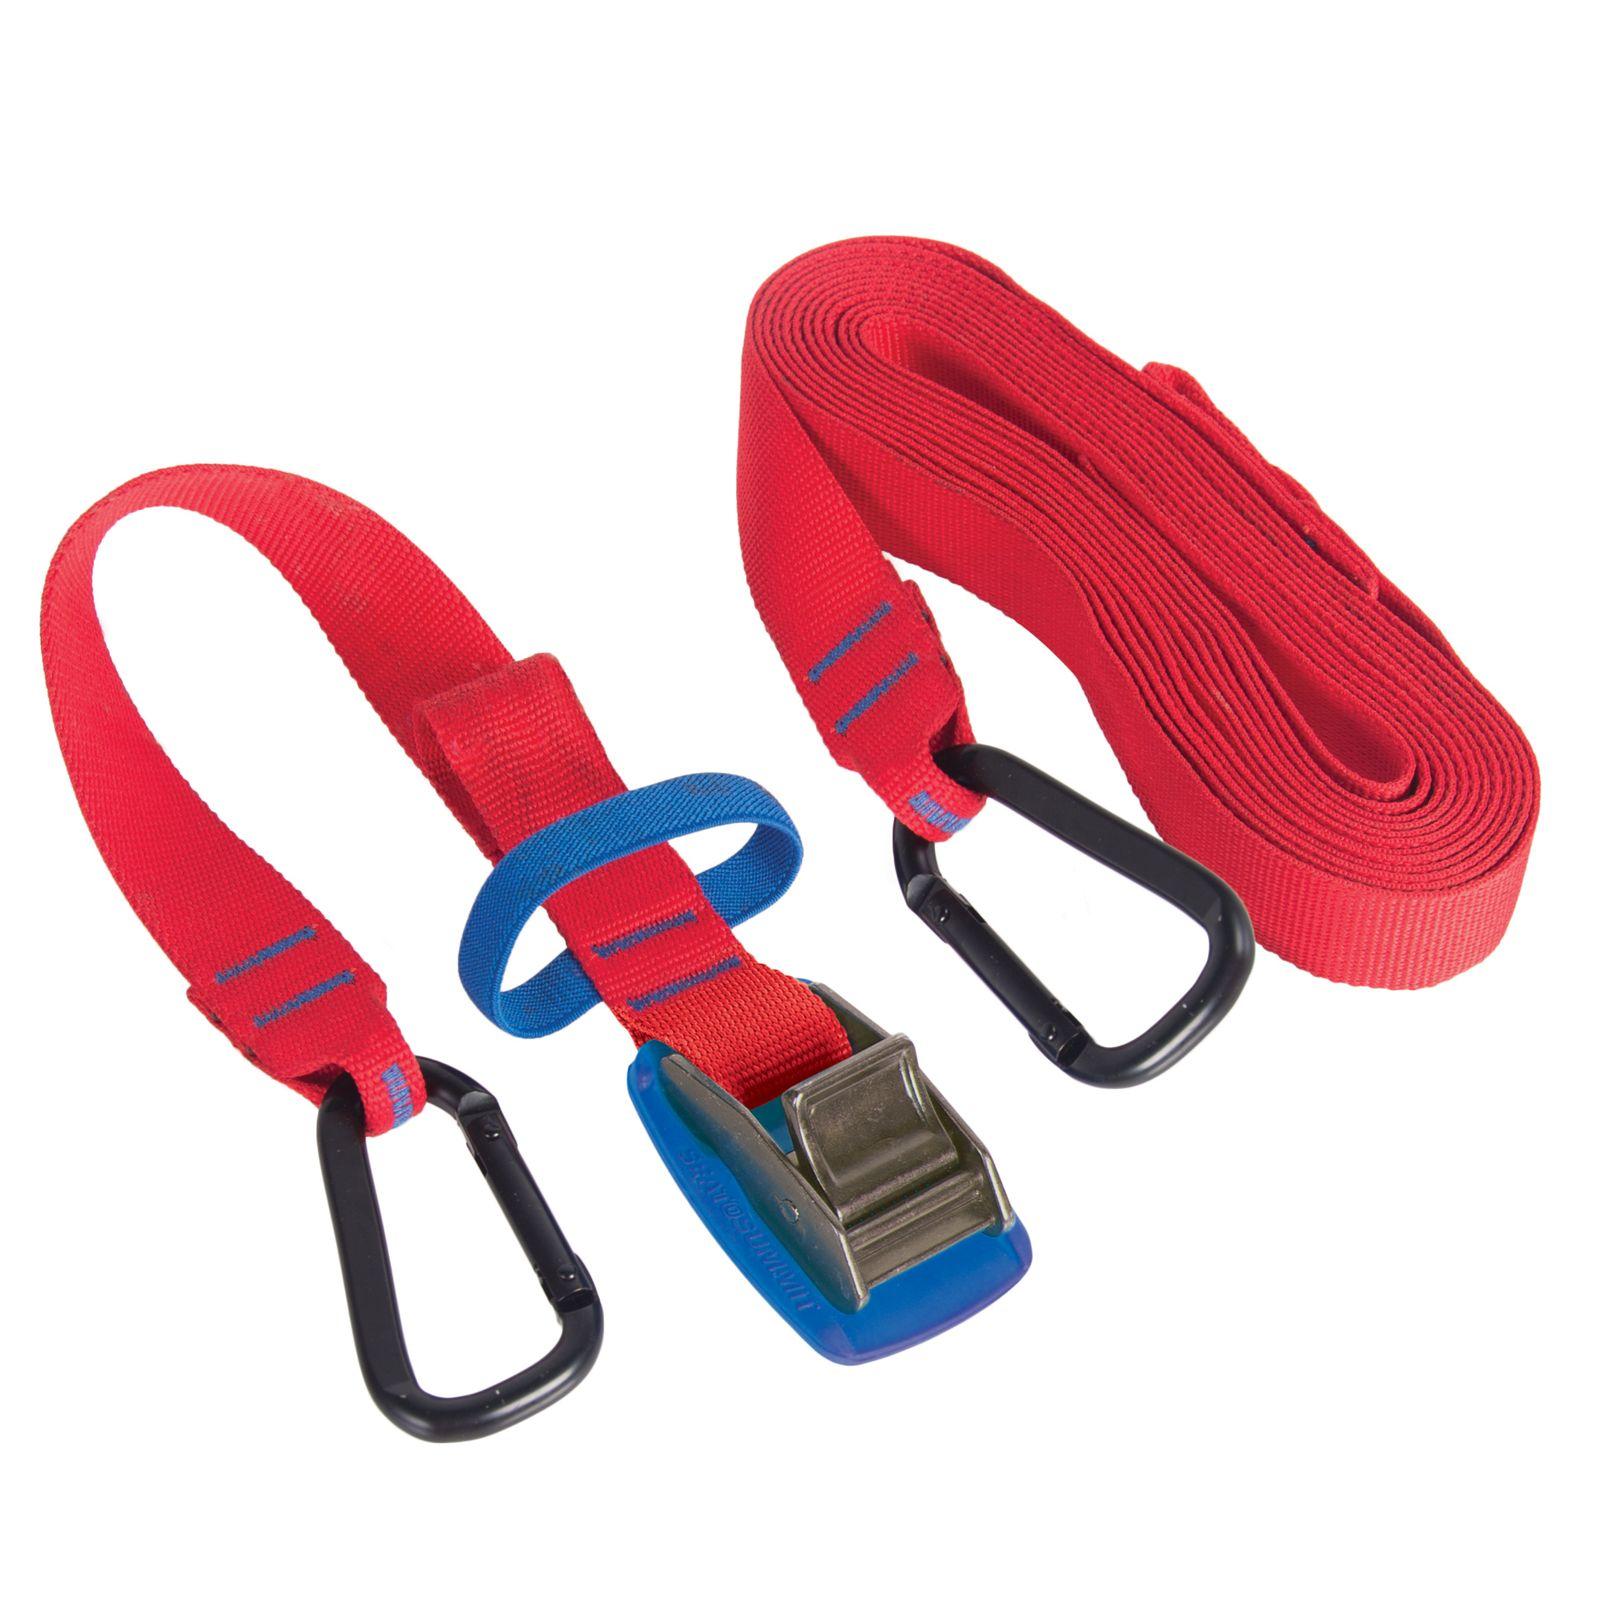 sea to summit l carabiner tie down l car rack accessory l kayak straps [ 1600 x 1600 Pixel ]